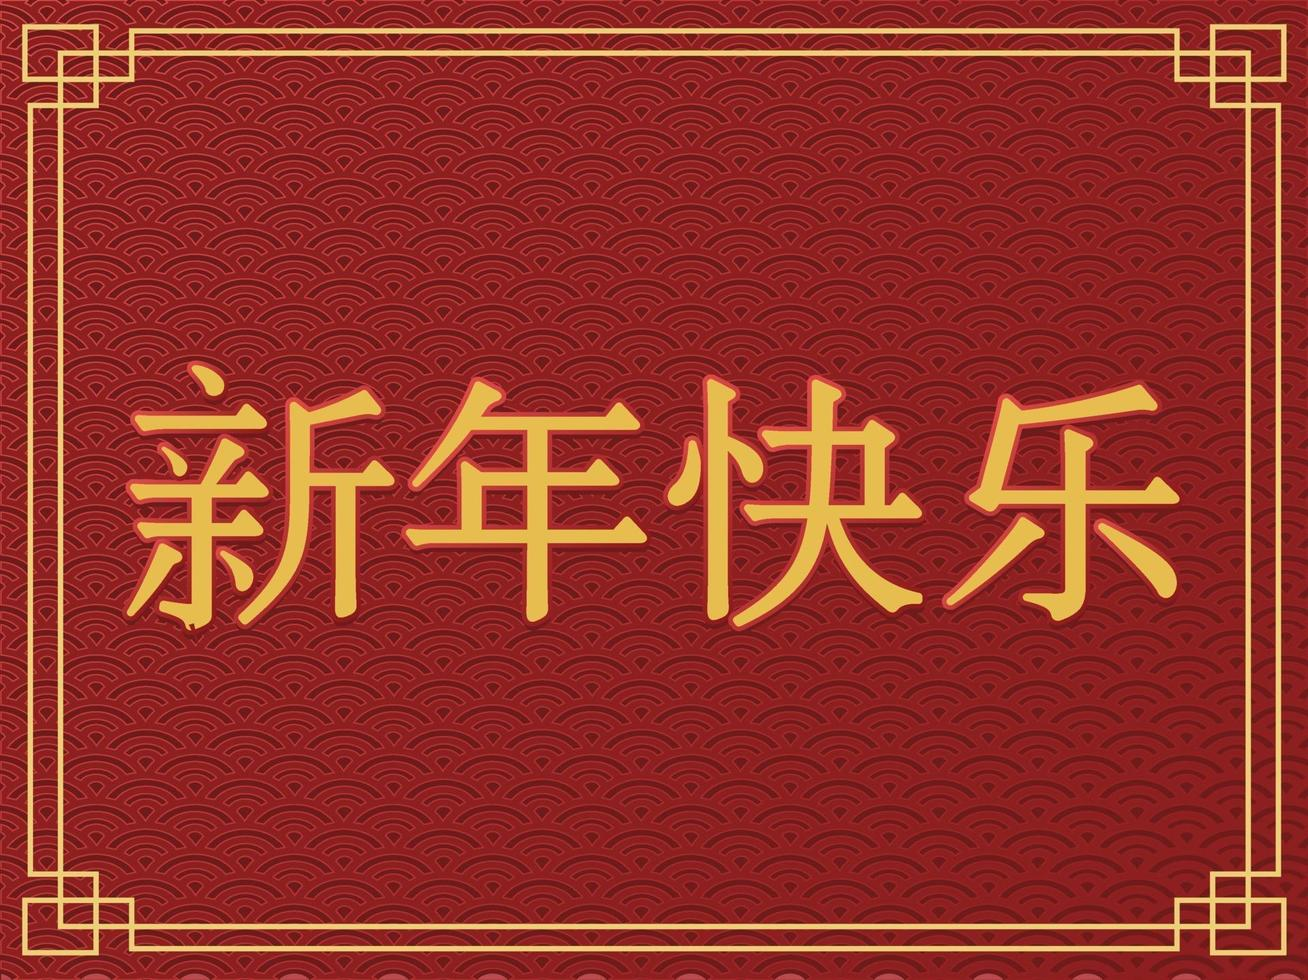 Chinese kalligrafie 2021 jaar, vertaling van Chinese woorden. vector